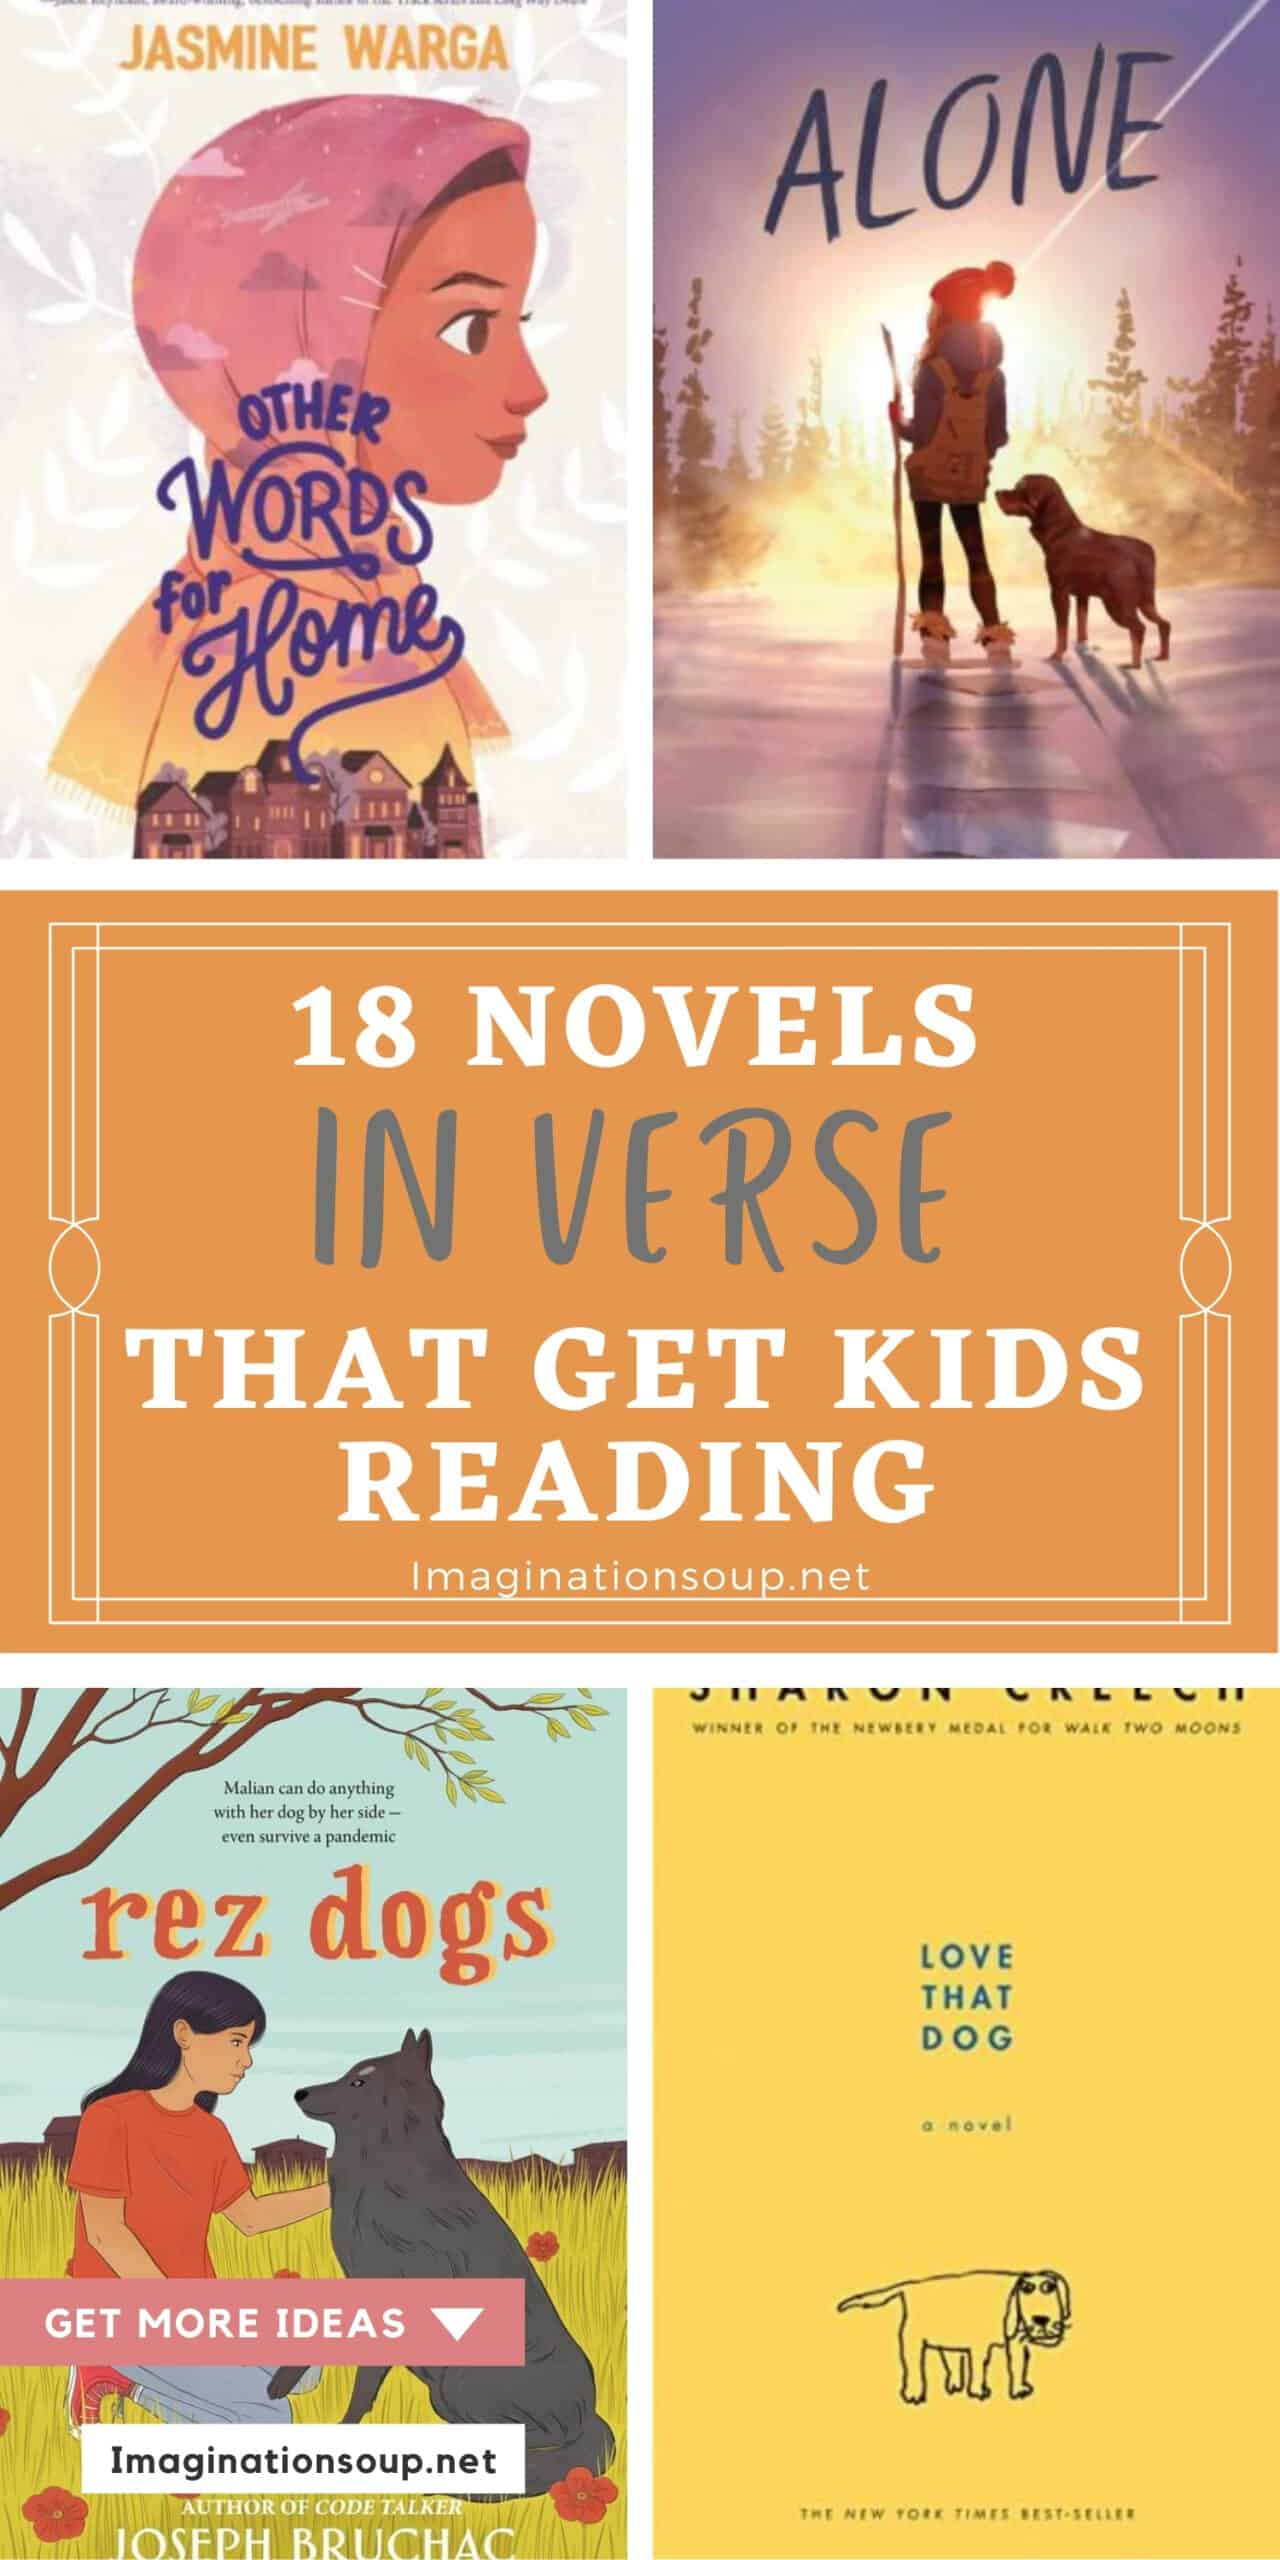 18 novels in verse